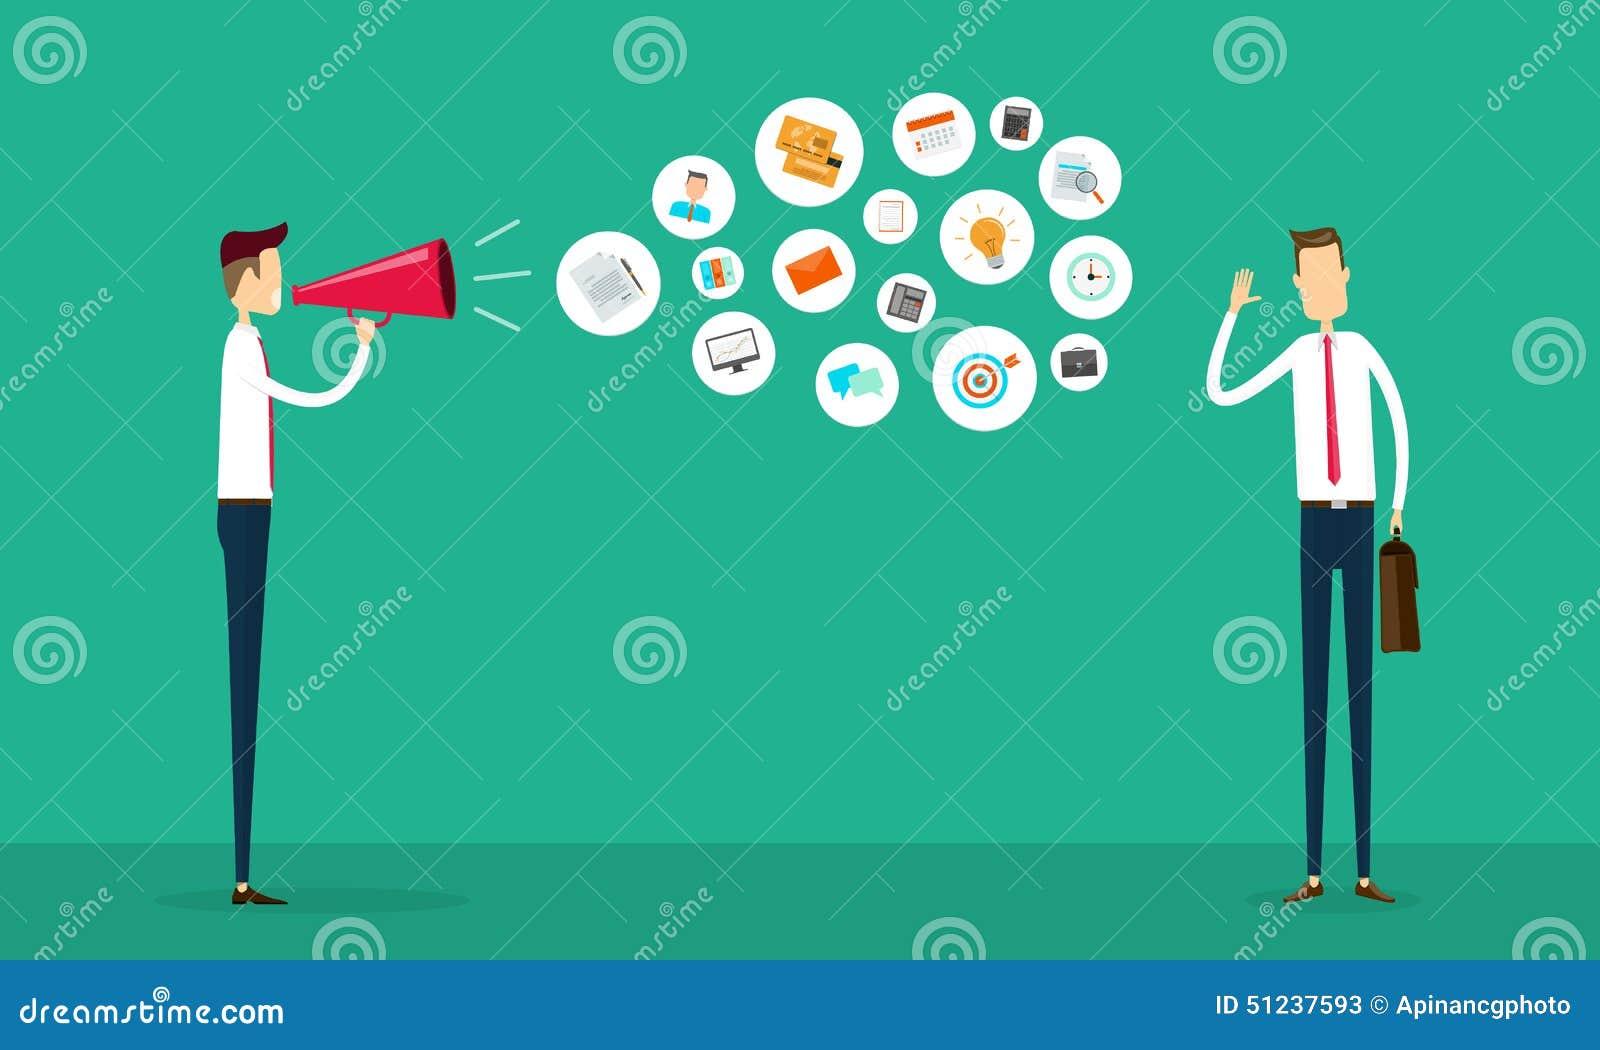 επίπεδη διανυσματική έννοια επιχειρησιακών επικοινωνιών και σύνδεσης